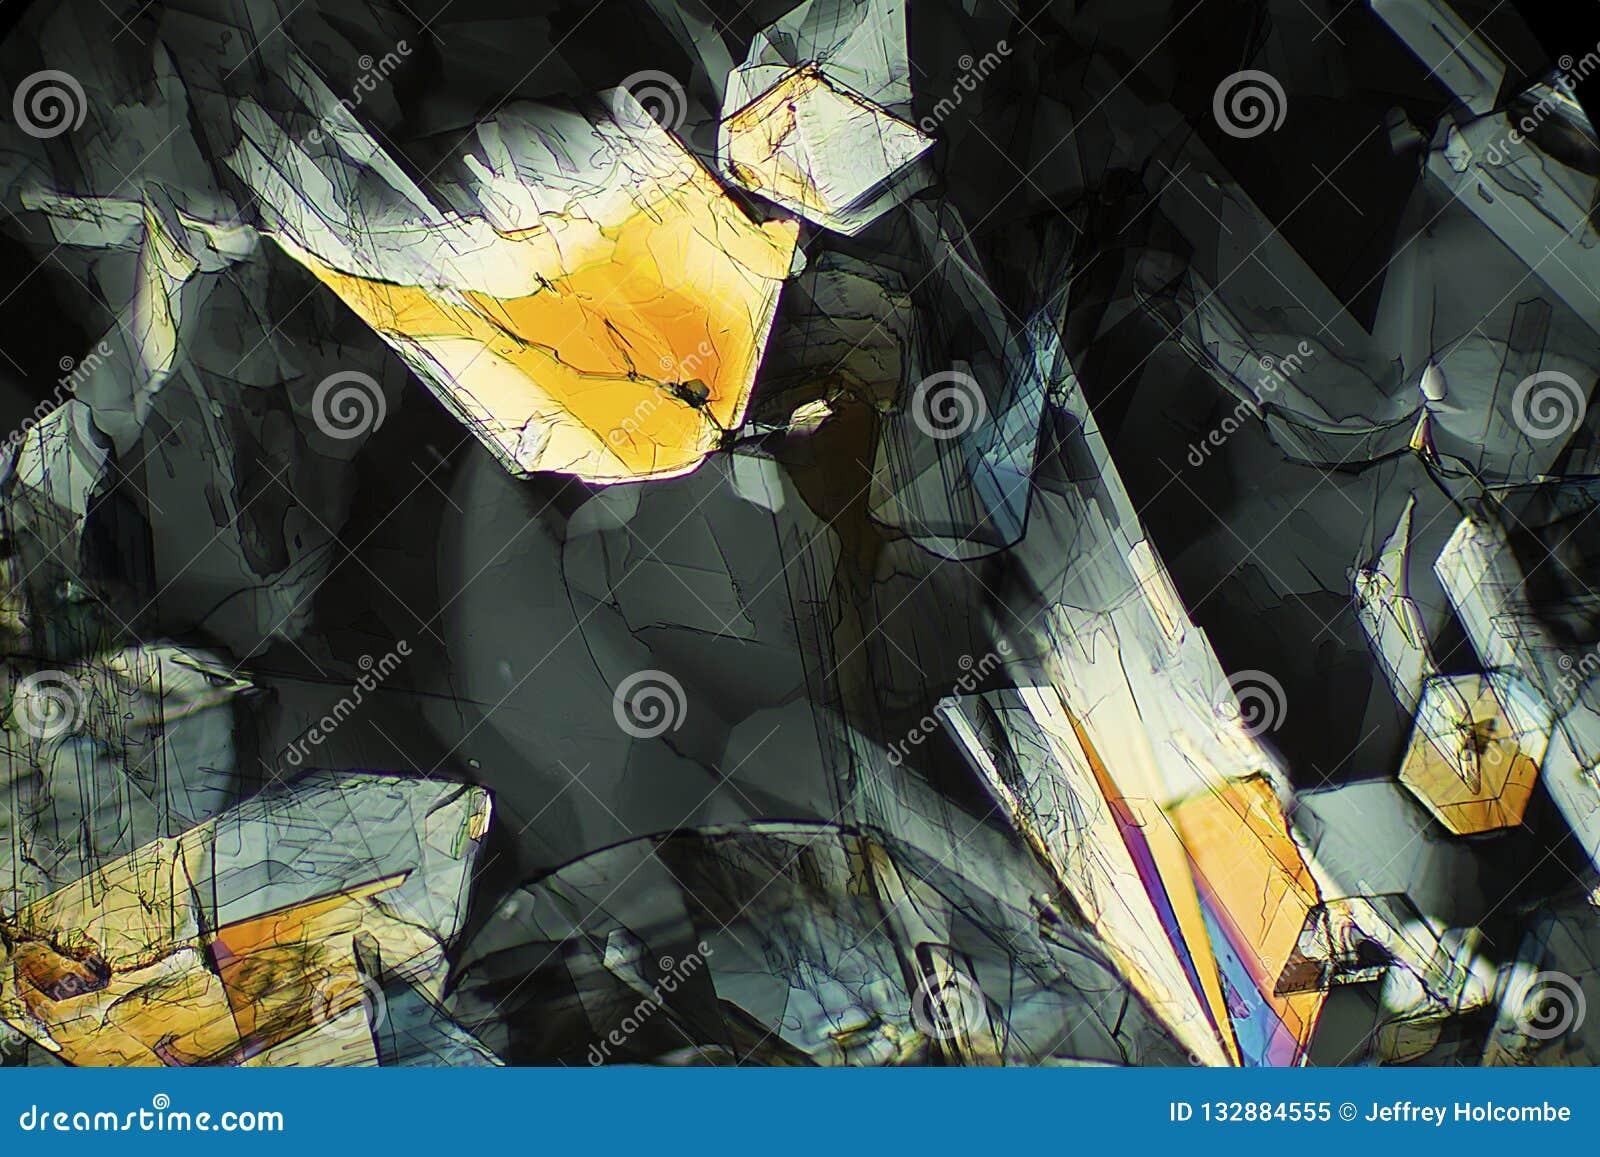 Micrographe abstrait de la méthionine, un acide aminé, à 40X